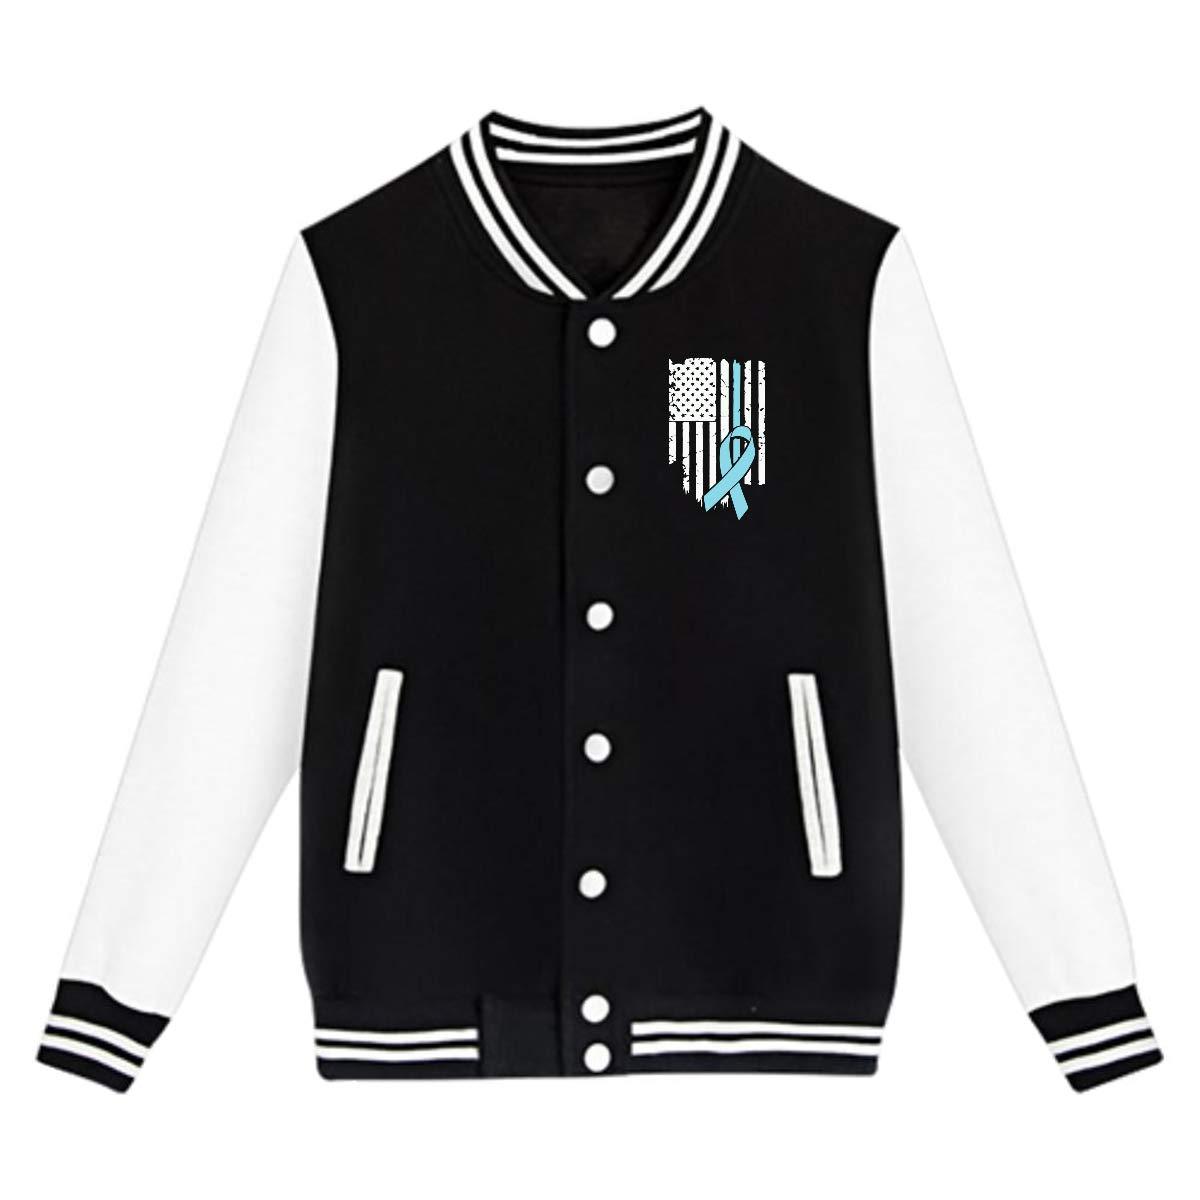 NJKM5MJ Unisex Youth Baseball Uniform Jacket USA Flag Prostate Cancer Awareness-1 Coat Sweatshirt Outwear